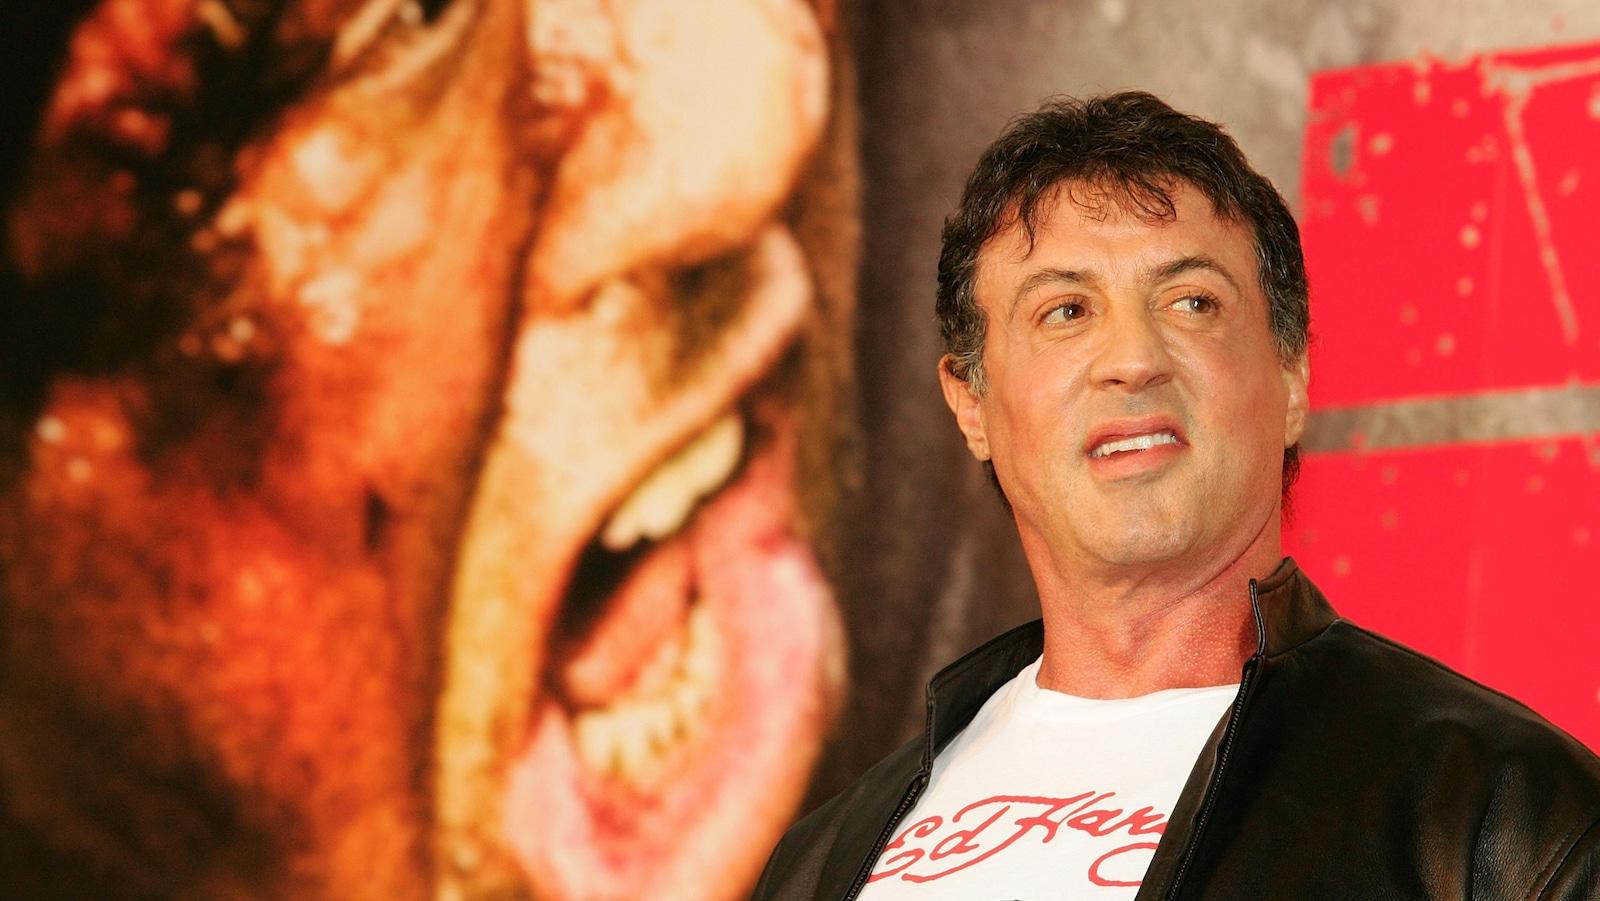 Cannes 2019 : Sylvester Stallone sur la Croisette pour présenter